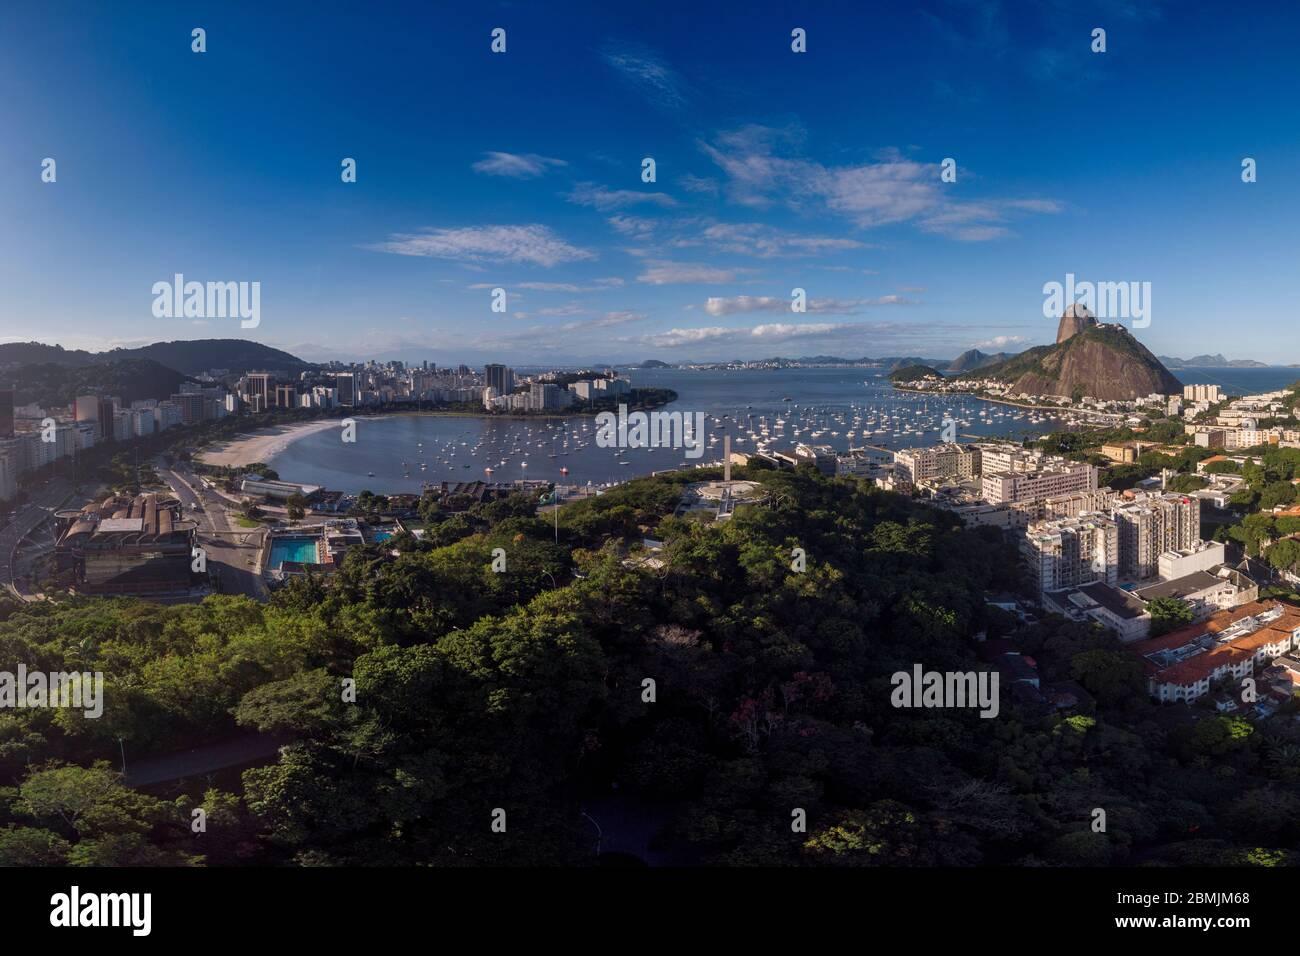 Playa Botafogo y montaña Sugarloaf a ambos lados del puerto de la bahía de Guanabara para los barcos de placer contra un cielo azul con el parque de la colina pasmado y vistas Foto de stock